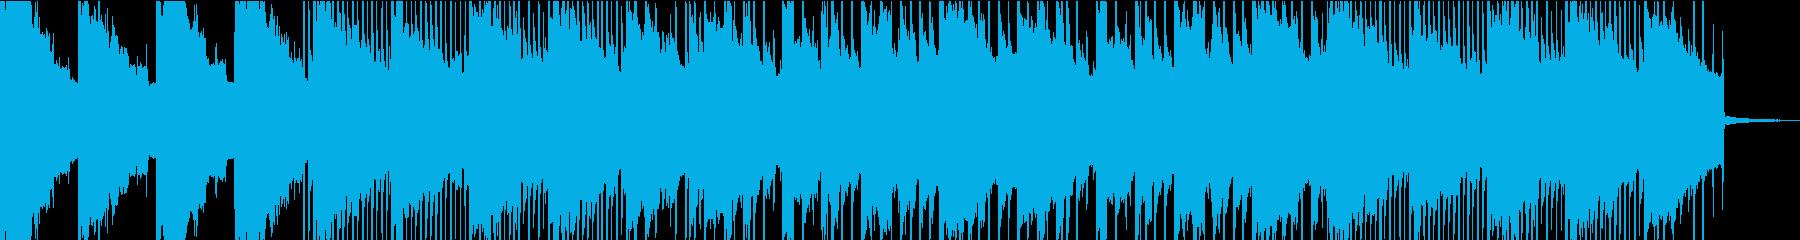 少し怪しげな起伏の少ないBGMの再生済みの波形